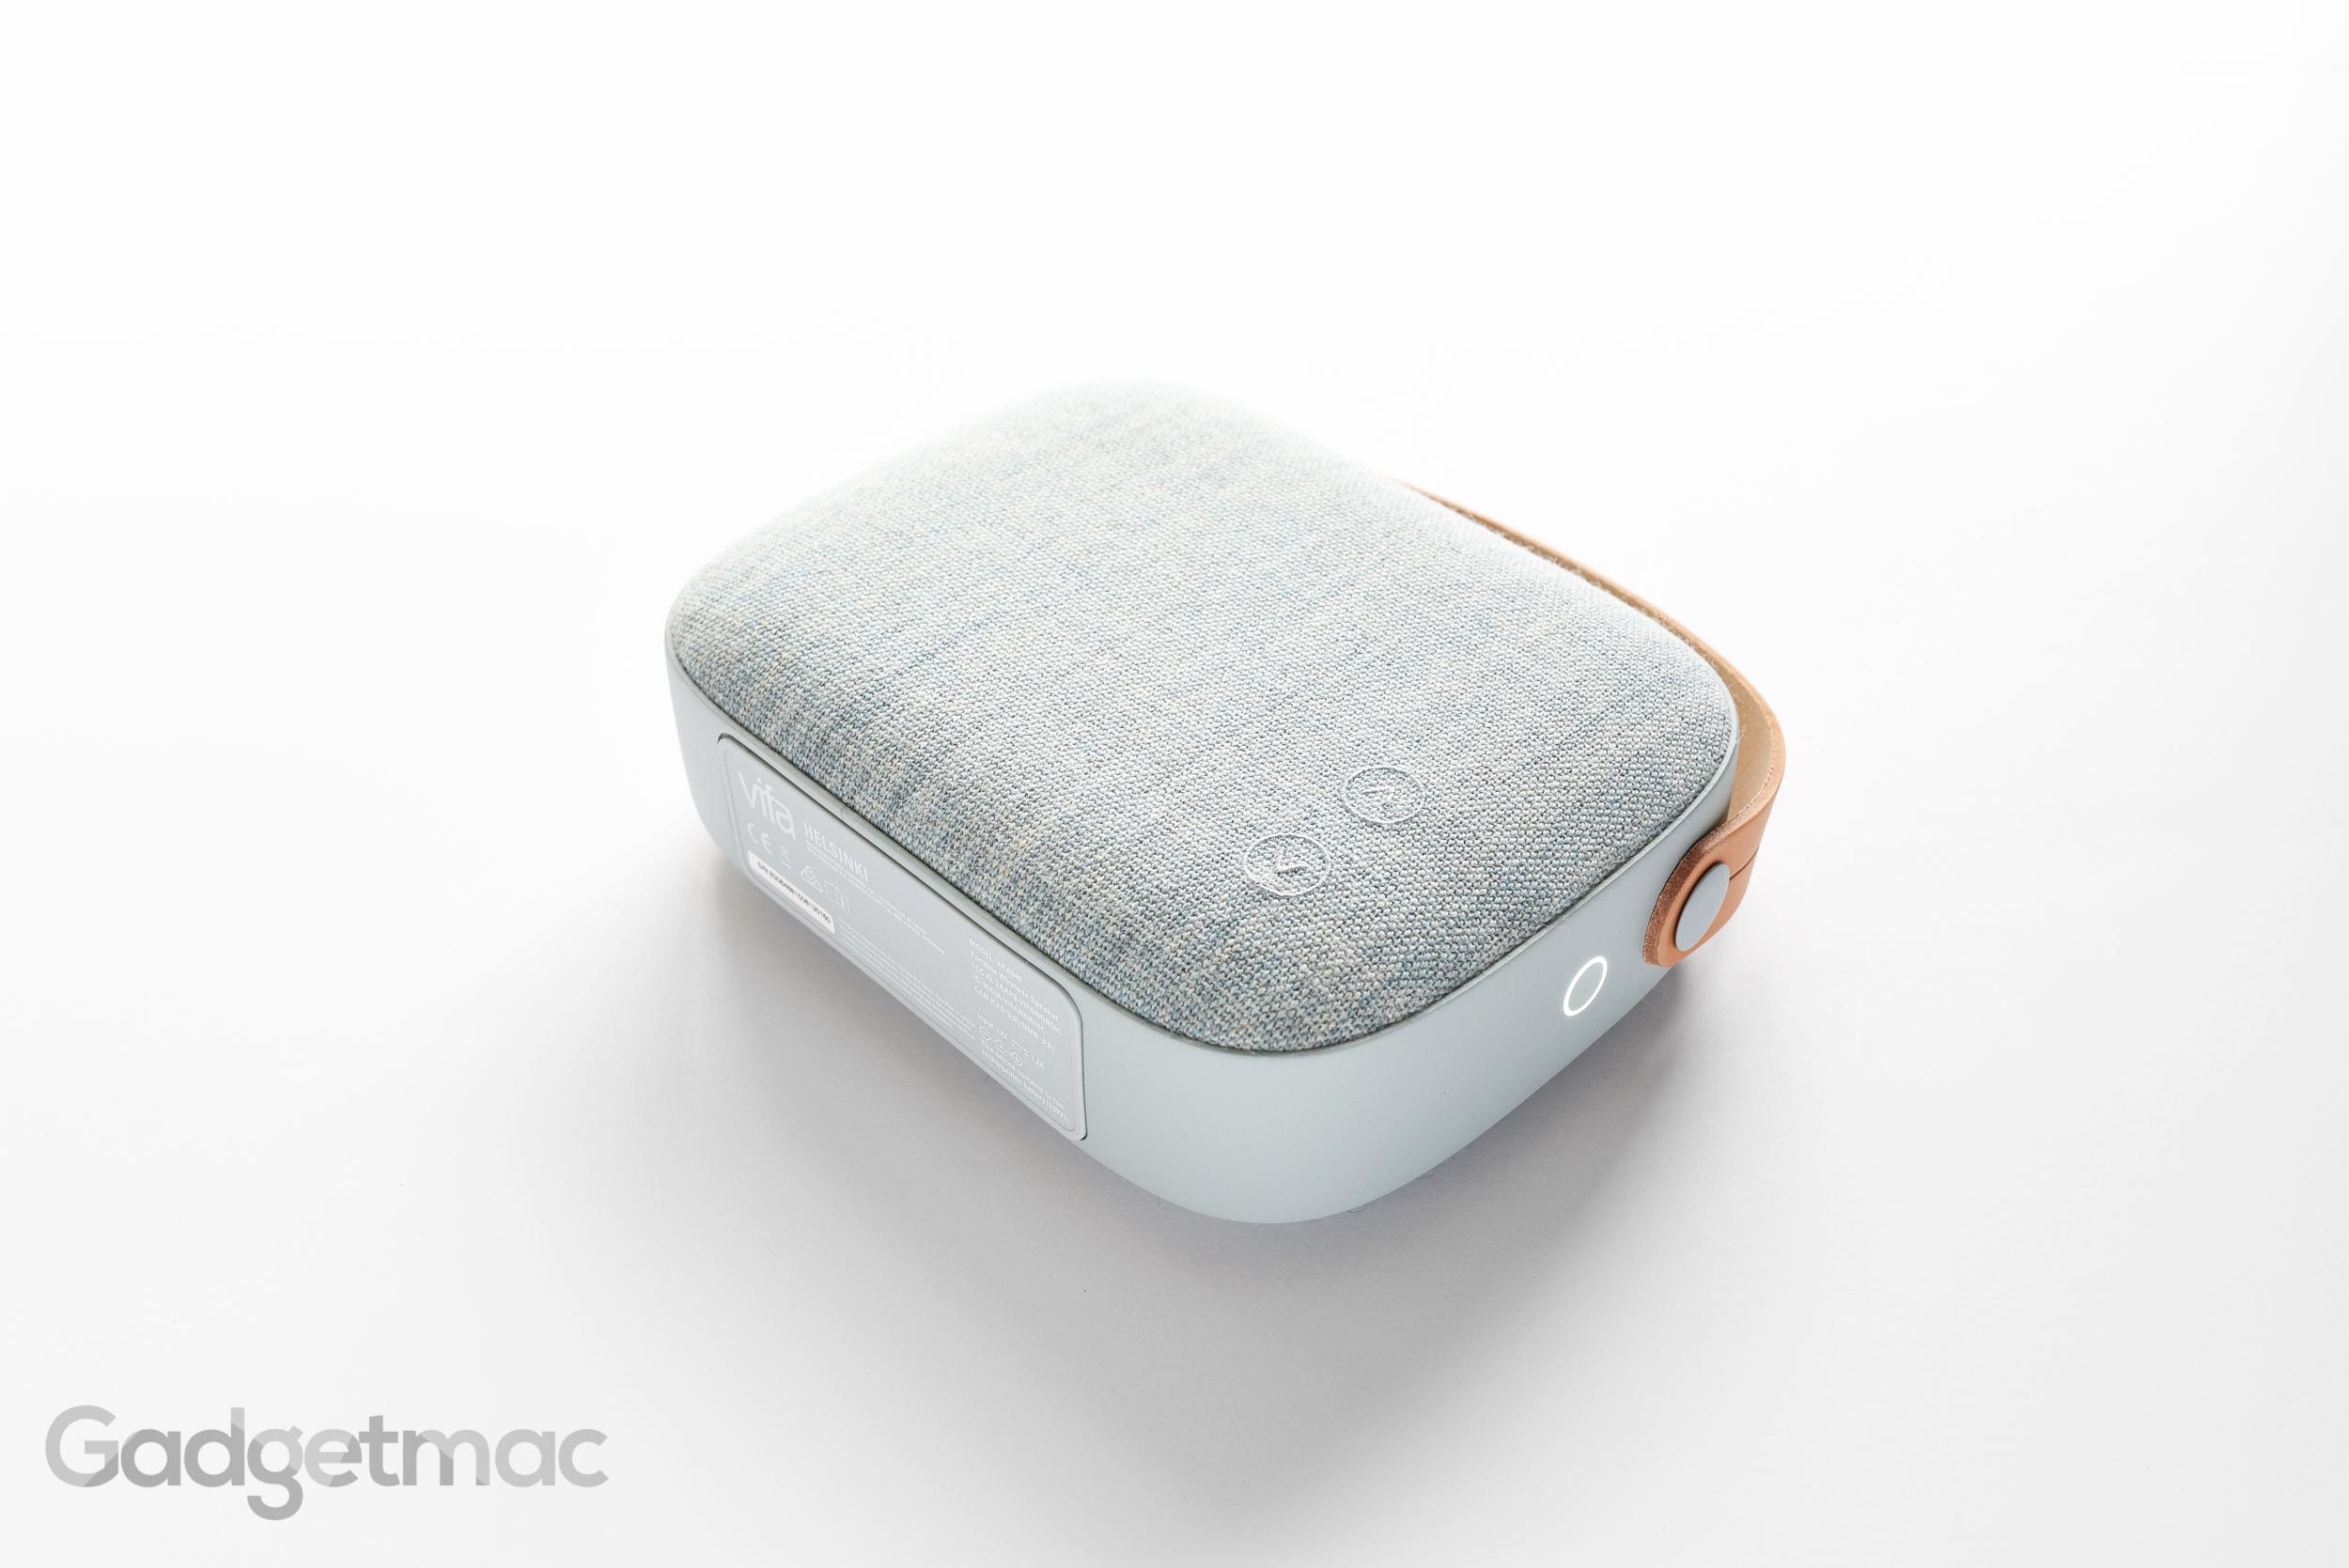 vifa-helsinki-portable-speaker.jpg